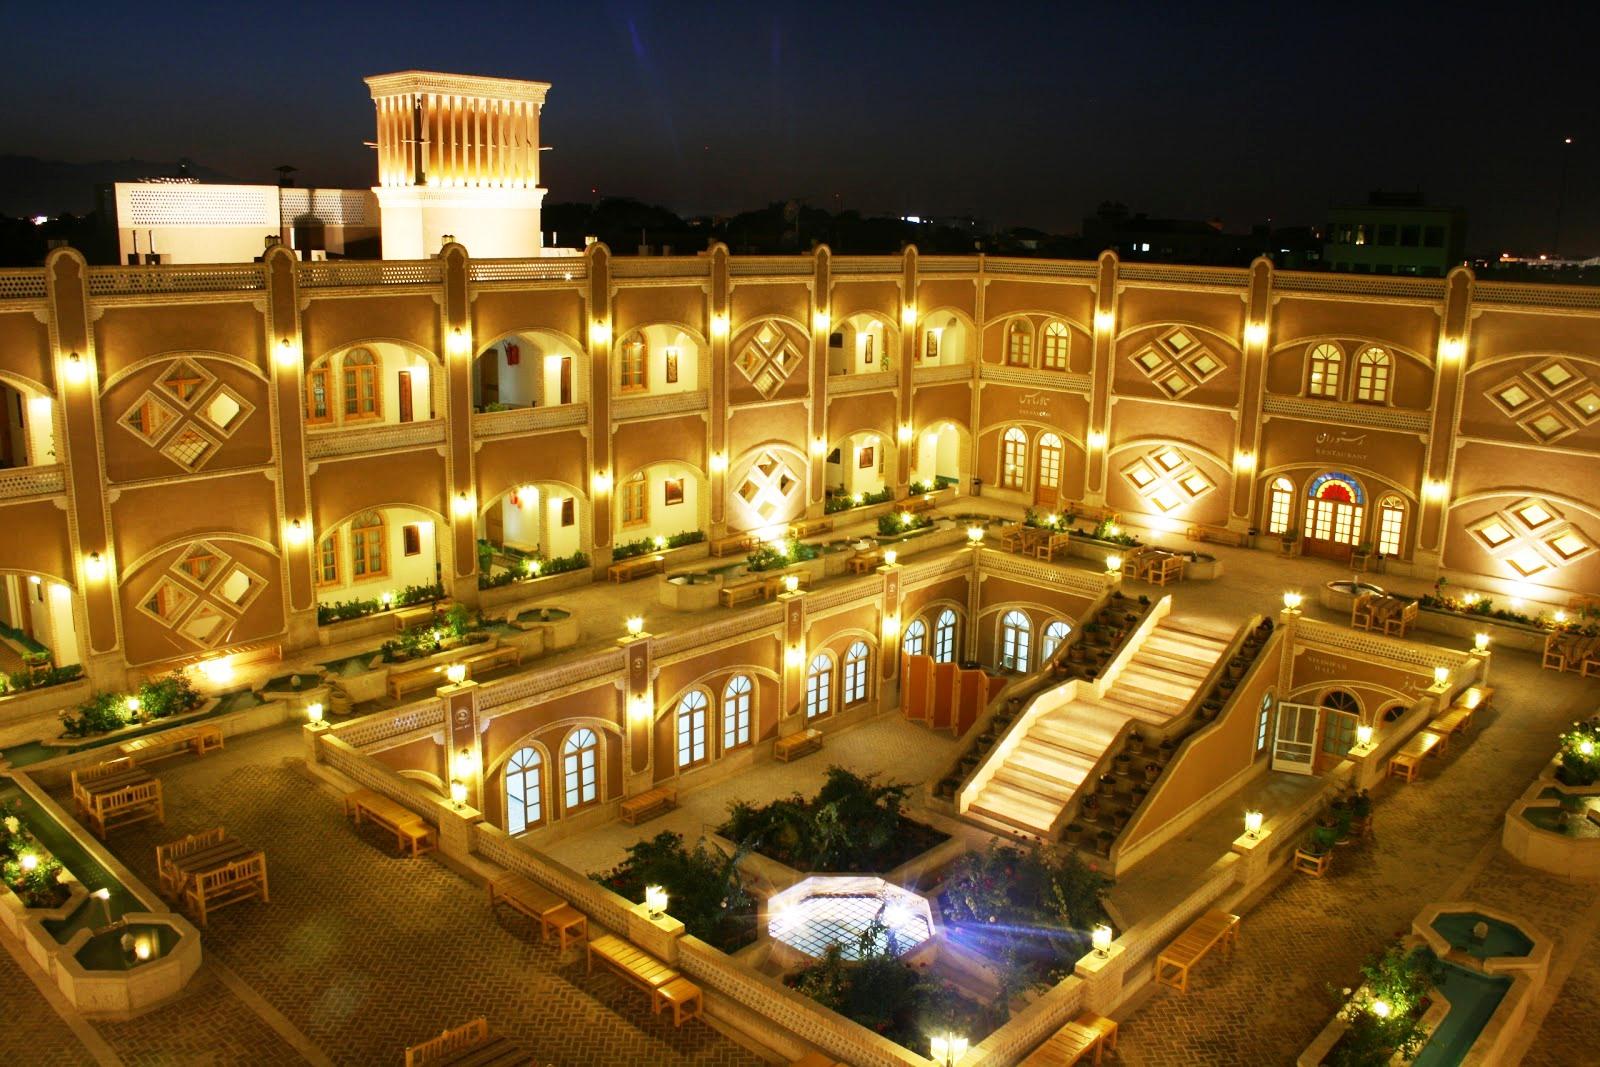 هتل داد یزد؛ شکوه معماری کهن در قلب کویر